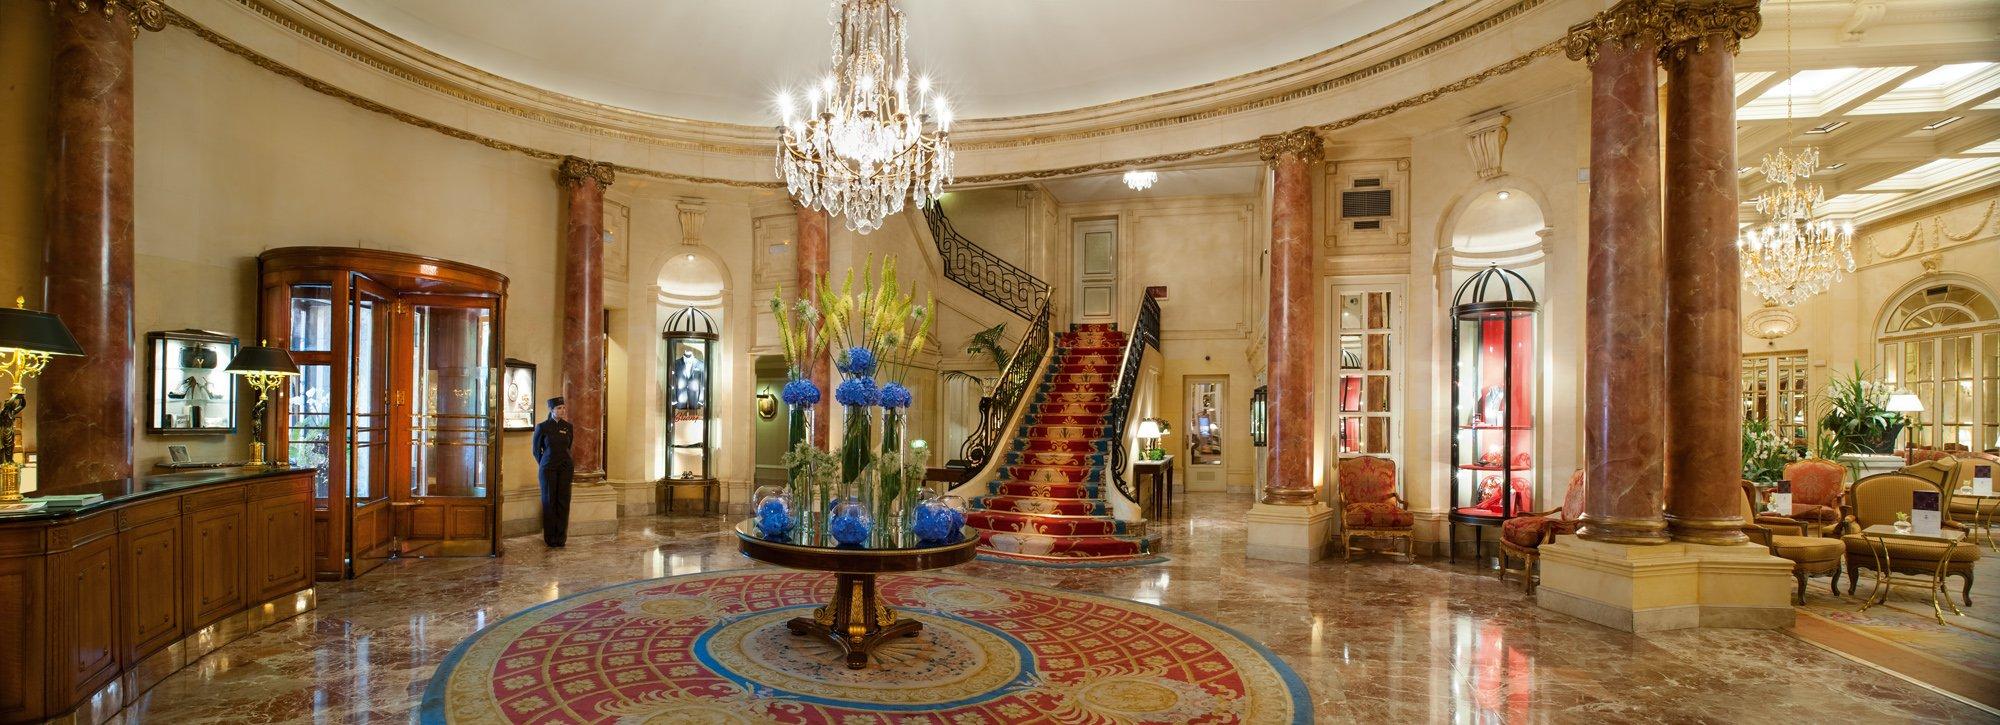 Hotel Ritz Paris The Luxury Trends